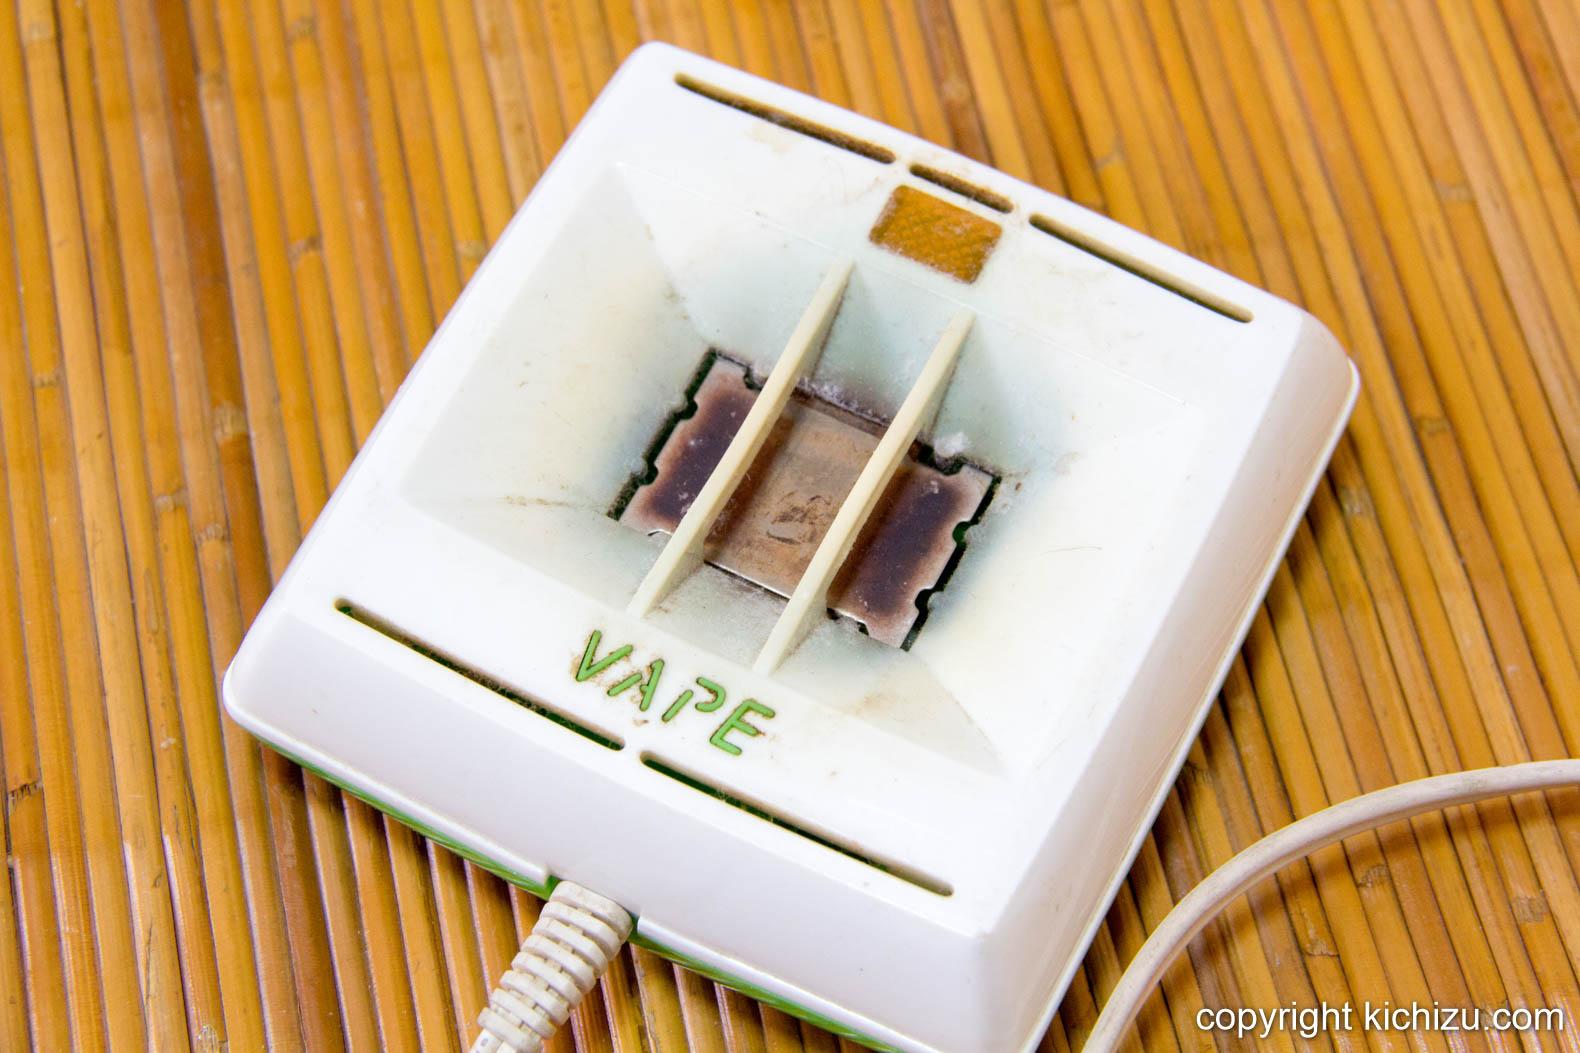 ベープ 電子蚊取りマット正方形型の本体